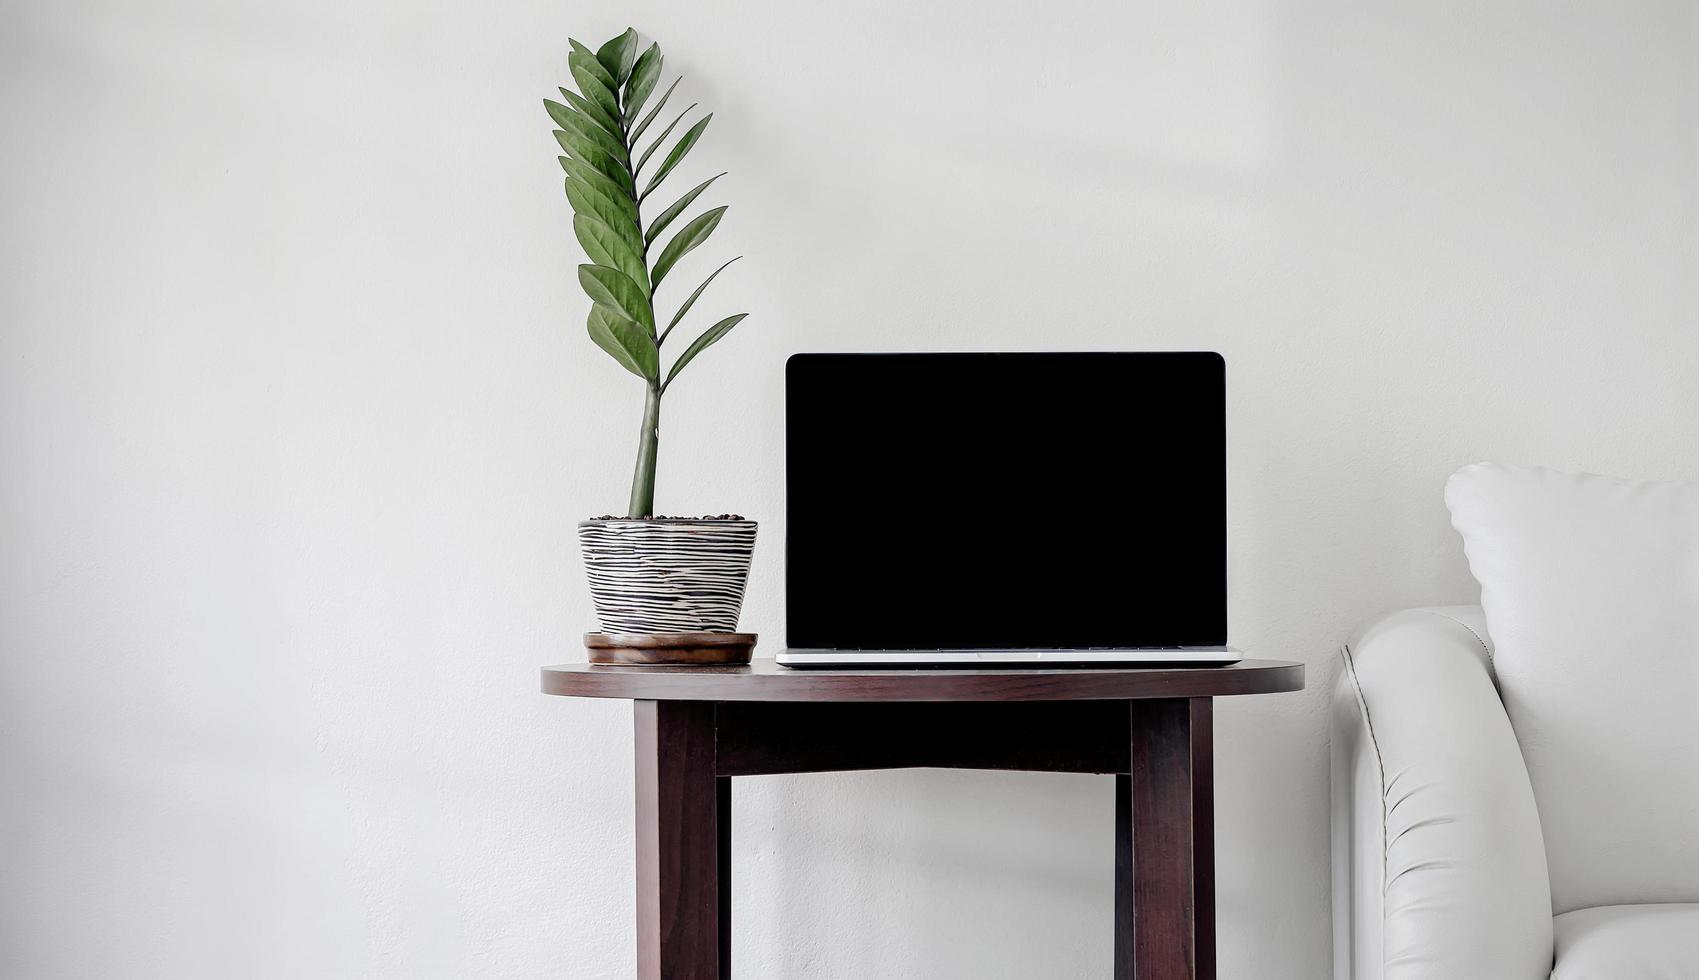 svart skärm bärbar dator på minimal vit vägg foto